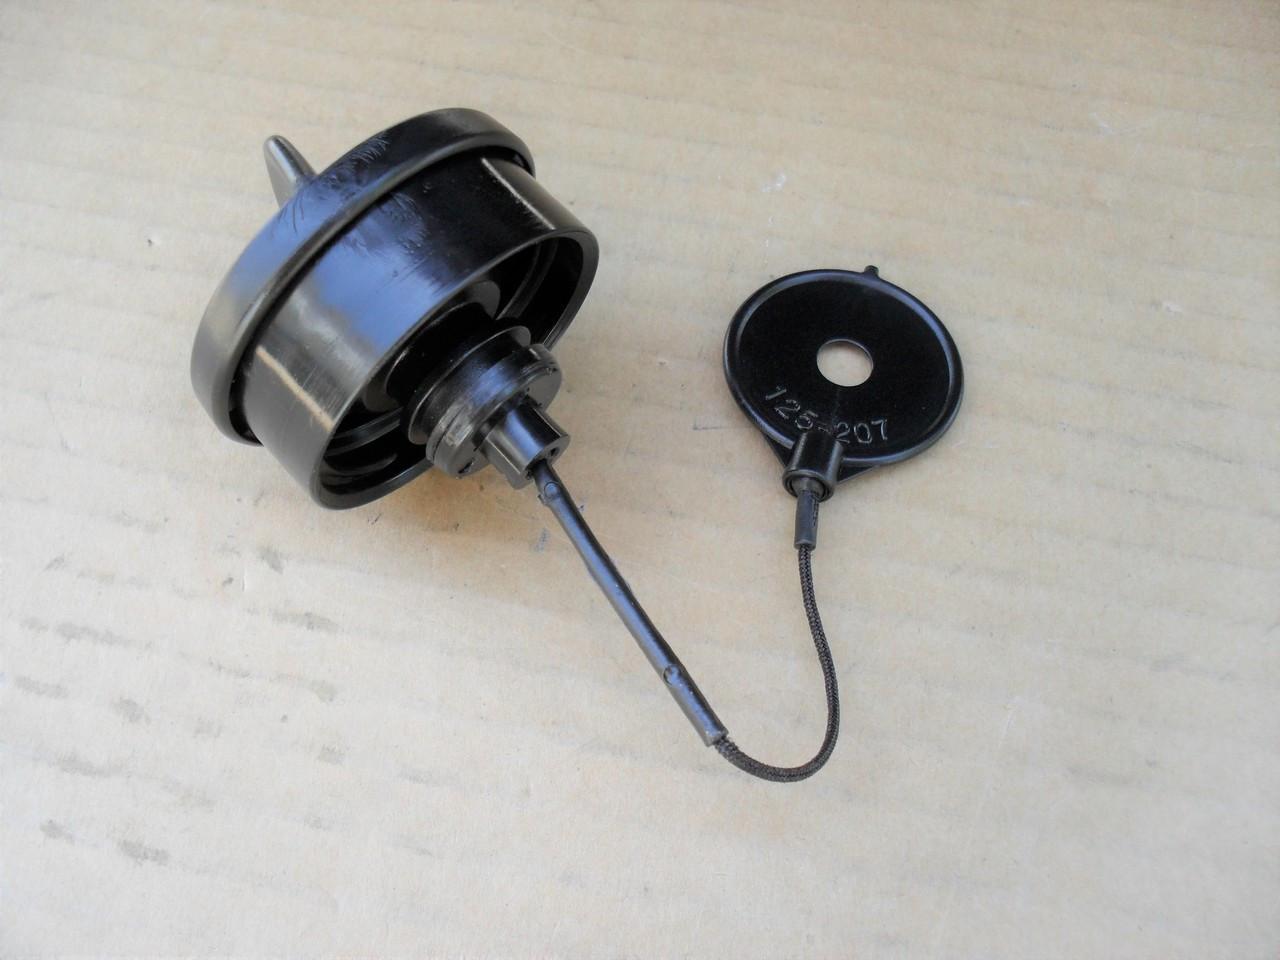 Fuel Cap Fits Stihl FS80 4114-350-0502 4114-350-0504 41143500502 41143500504